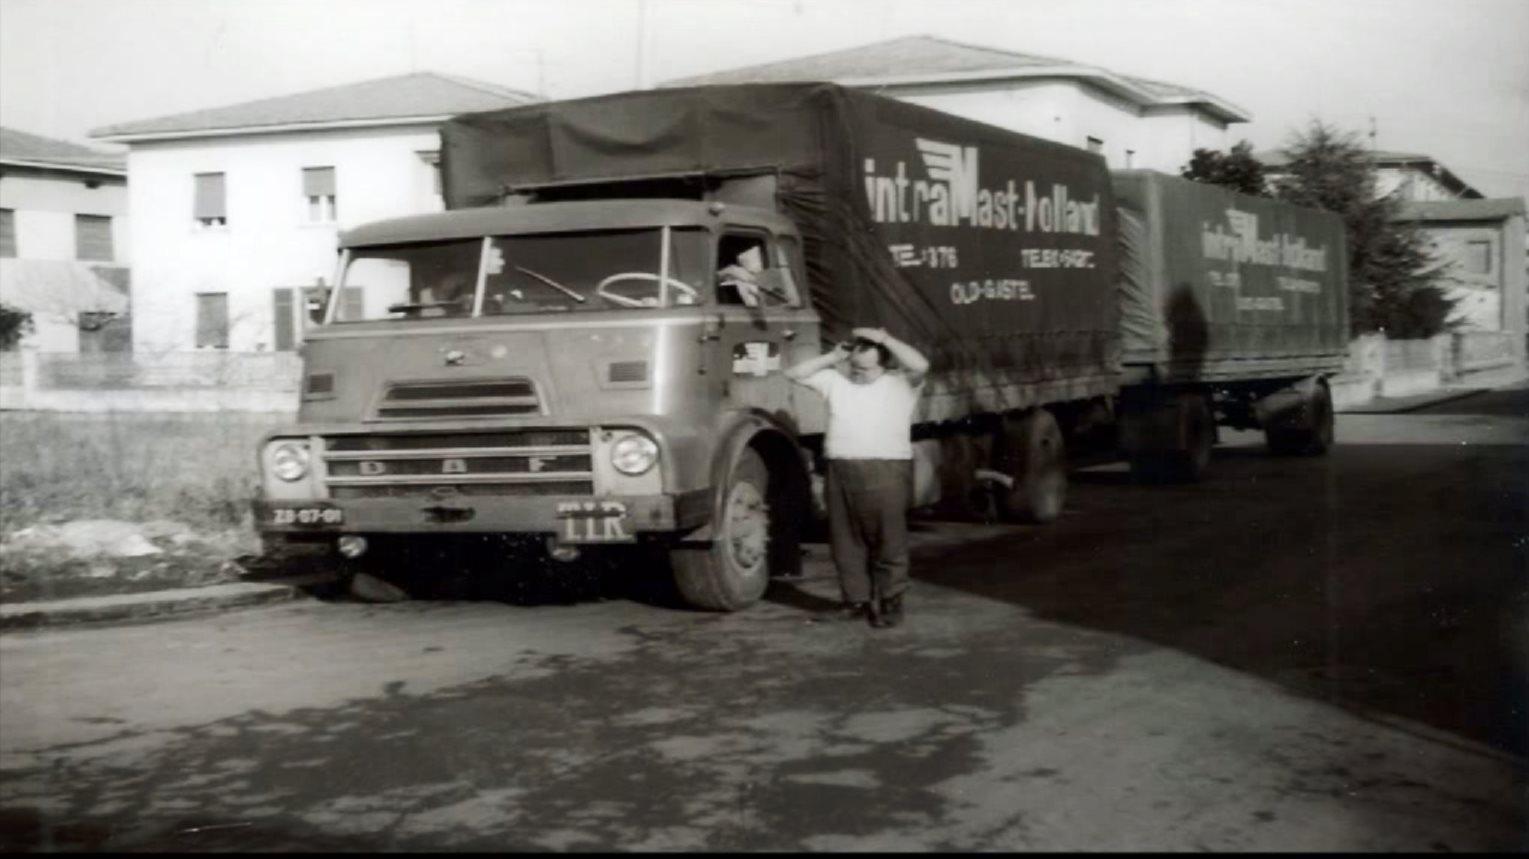 DAF-DO-huifwagen--Theo-van-Everdink-foto-(1)